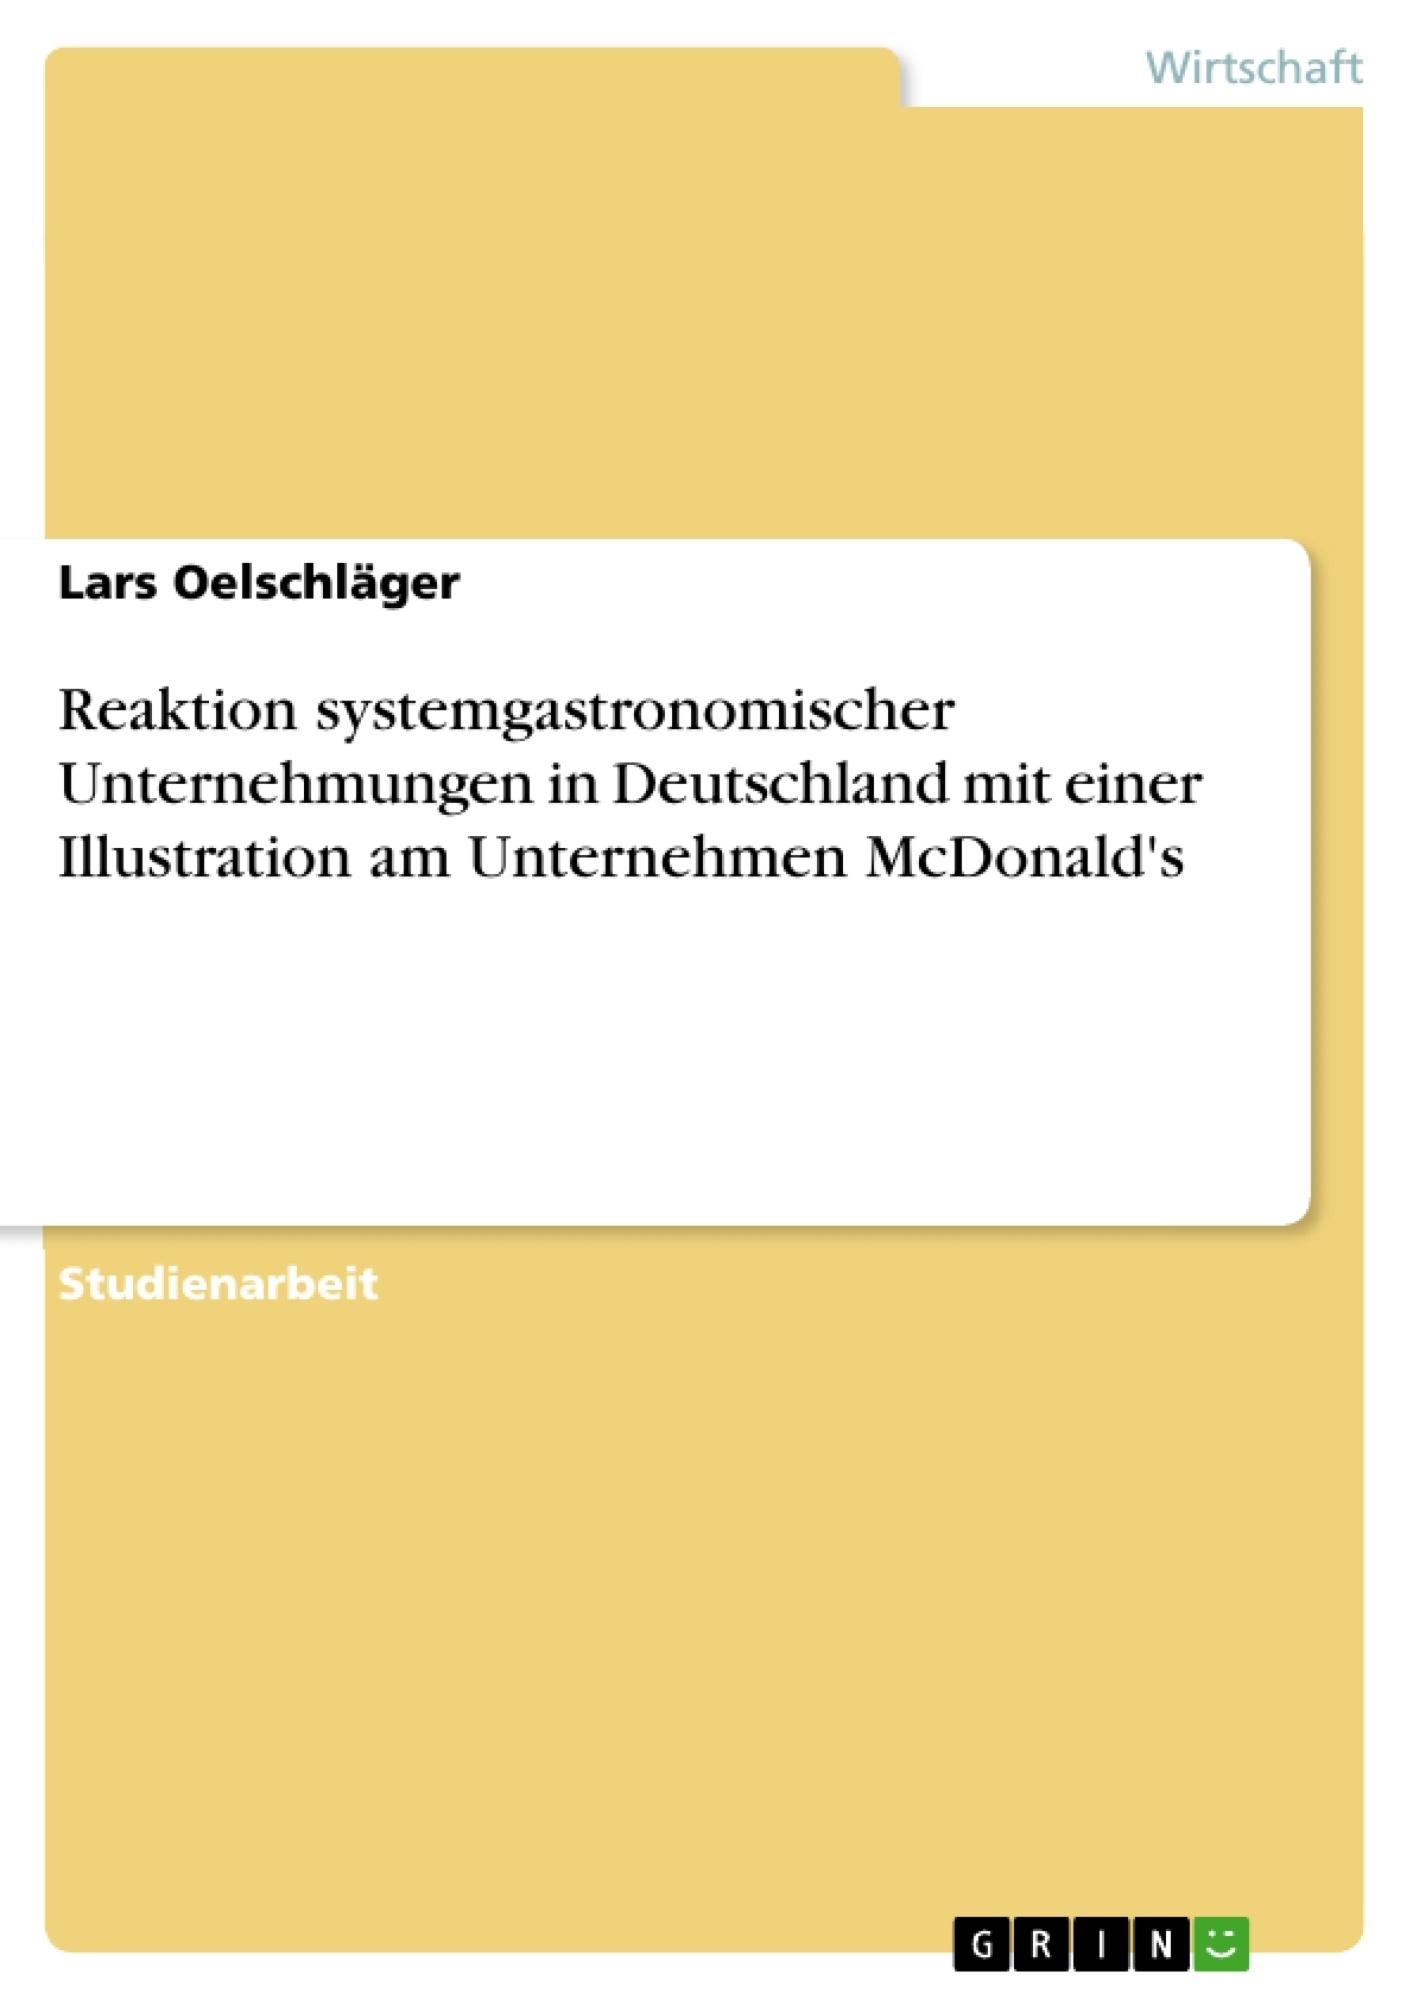 Titel: Reaktion systemgastronomischer Unternehmungen in Deutschland  mit einer Illustration am Unternehmen McDonald's